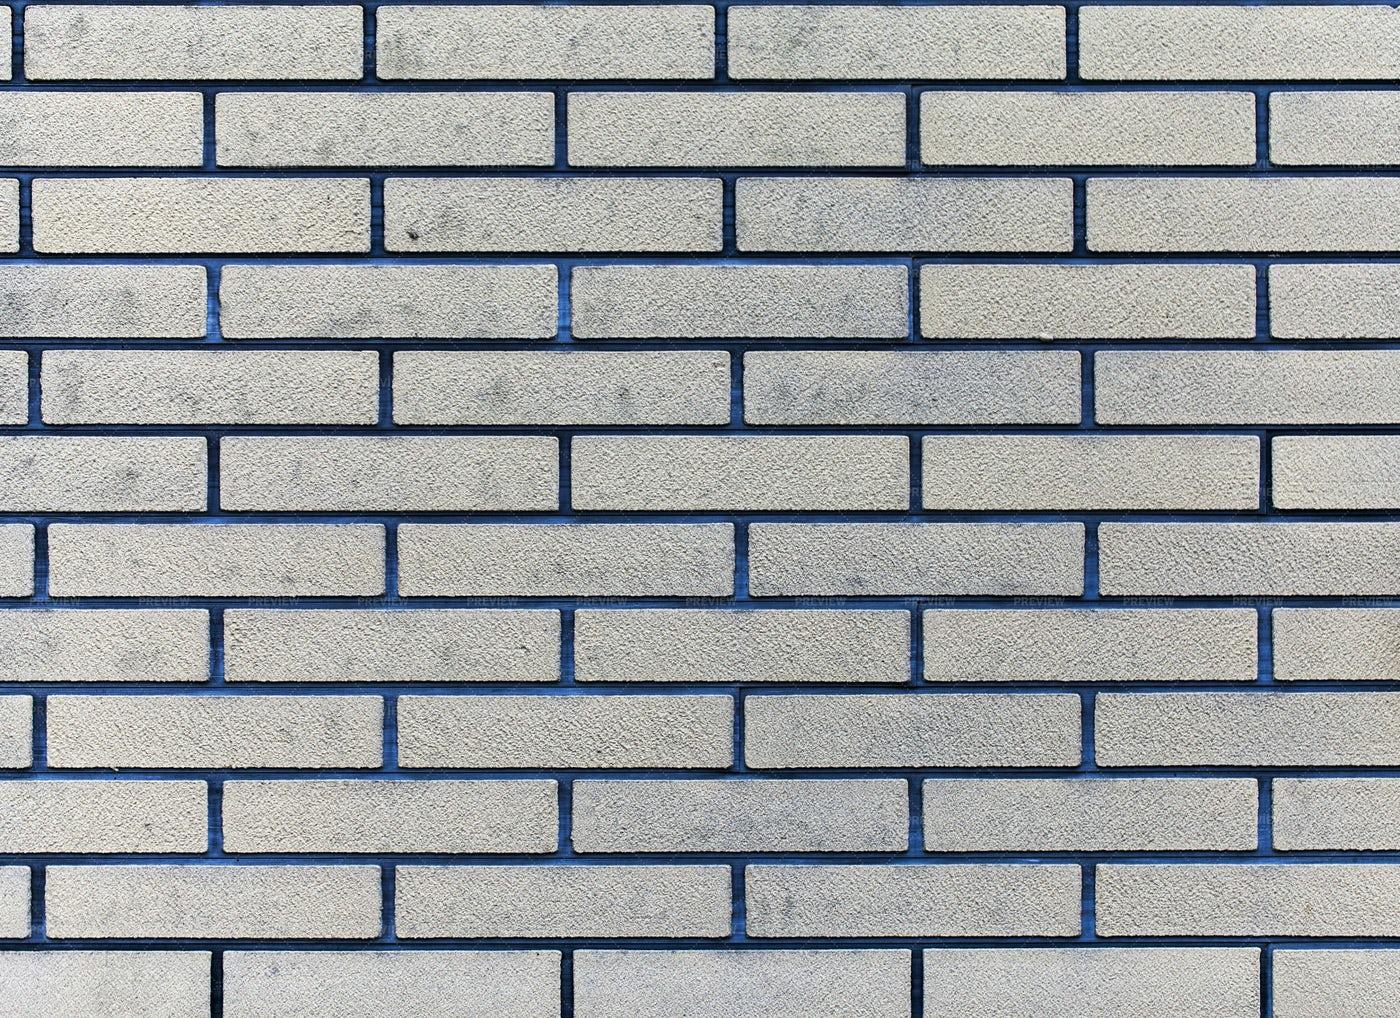 Silver Brick Wall: Stock Photos